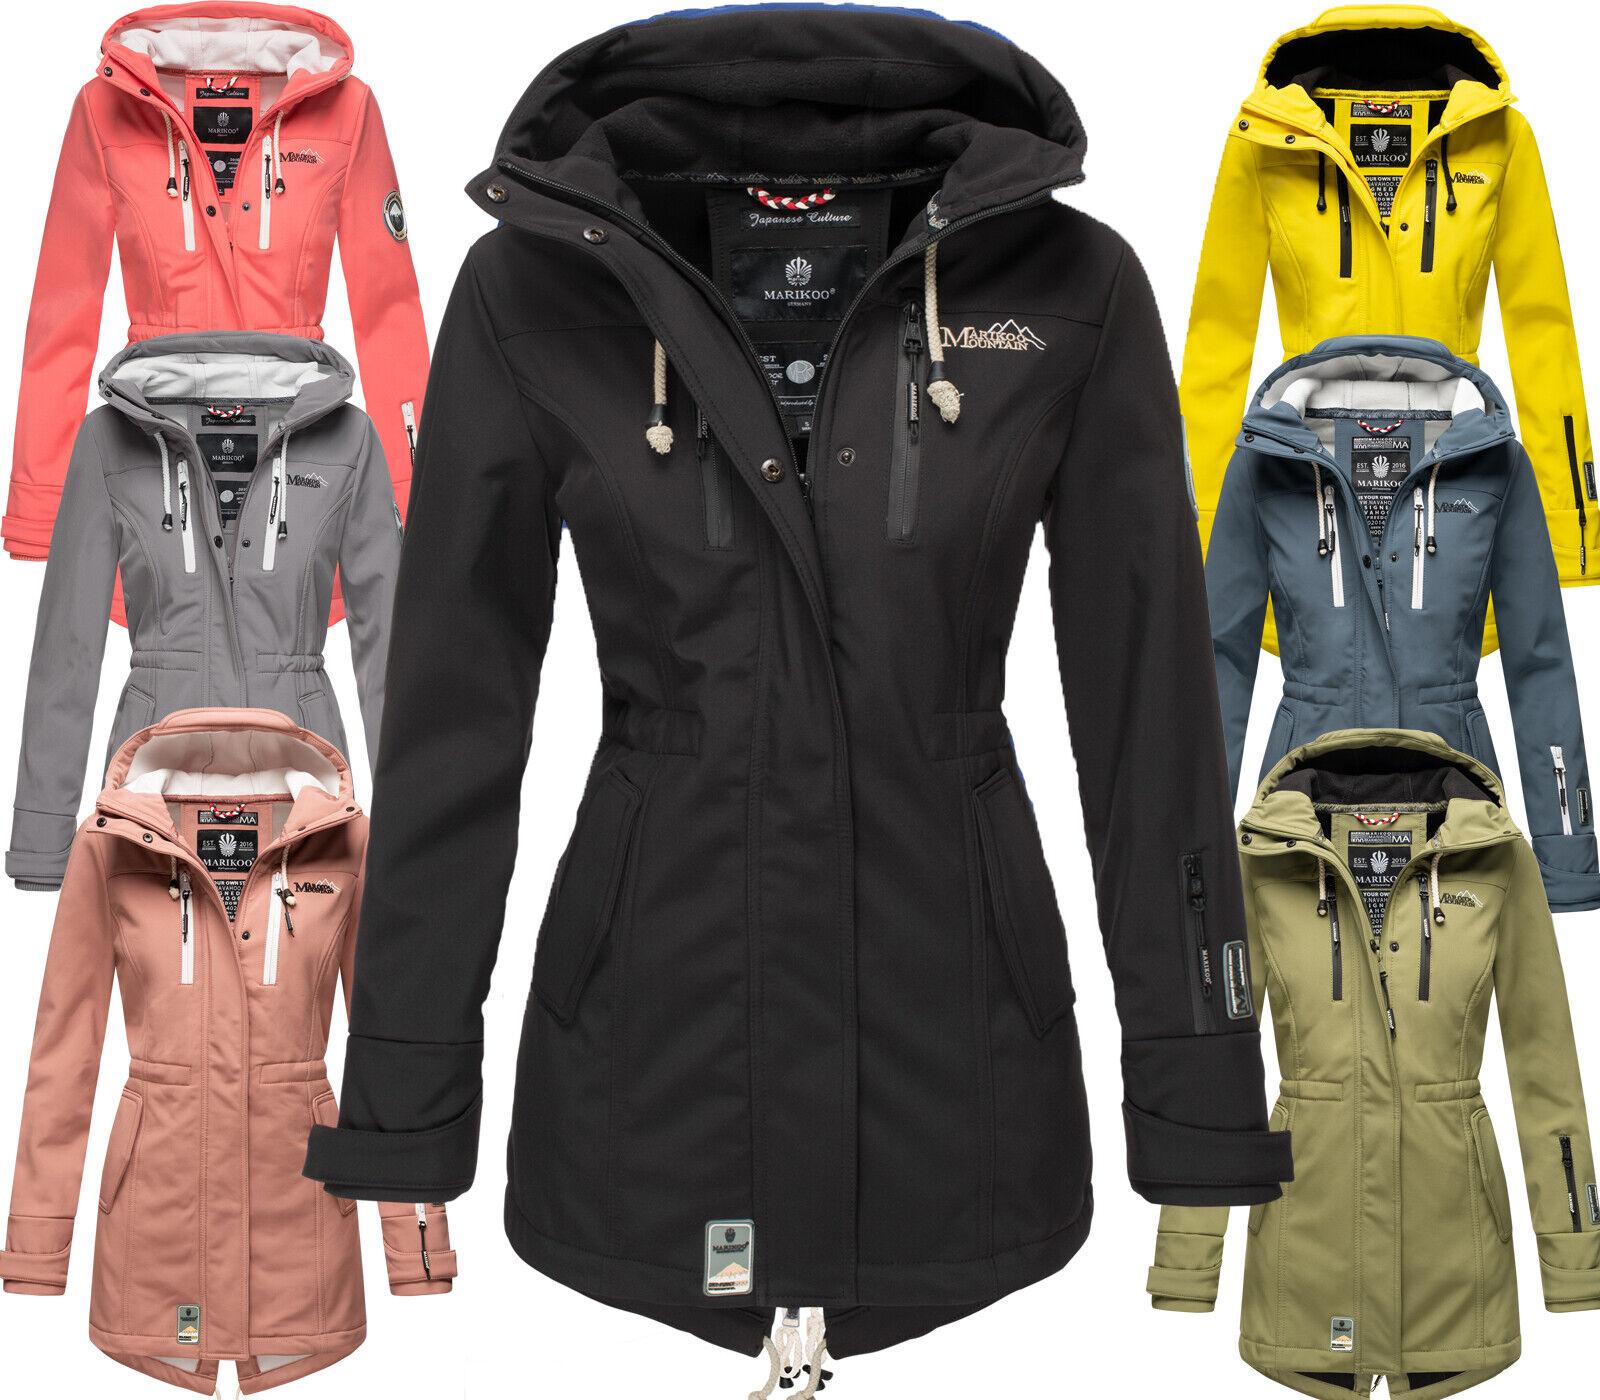 Marikoo Damen Softshell Outdoor Jacke Übergangs Winter Regen Mantel Zimtzicke